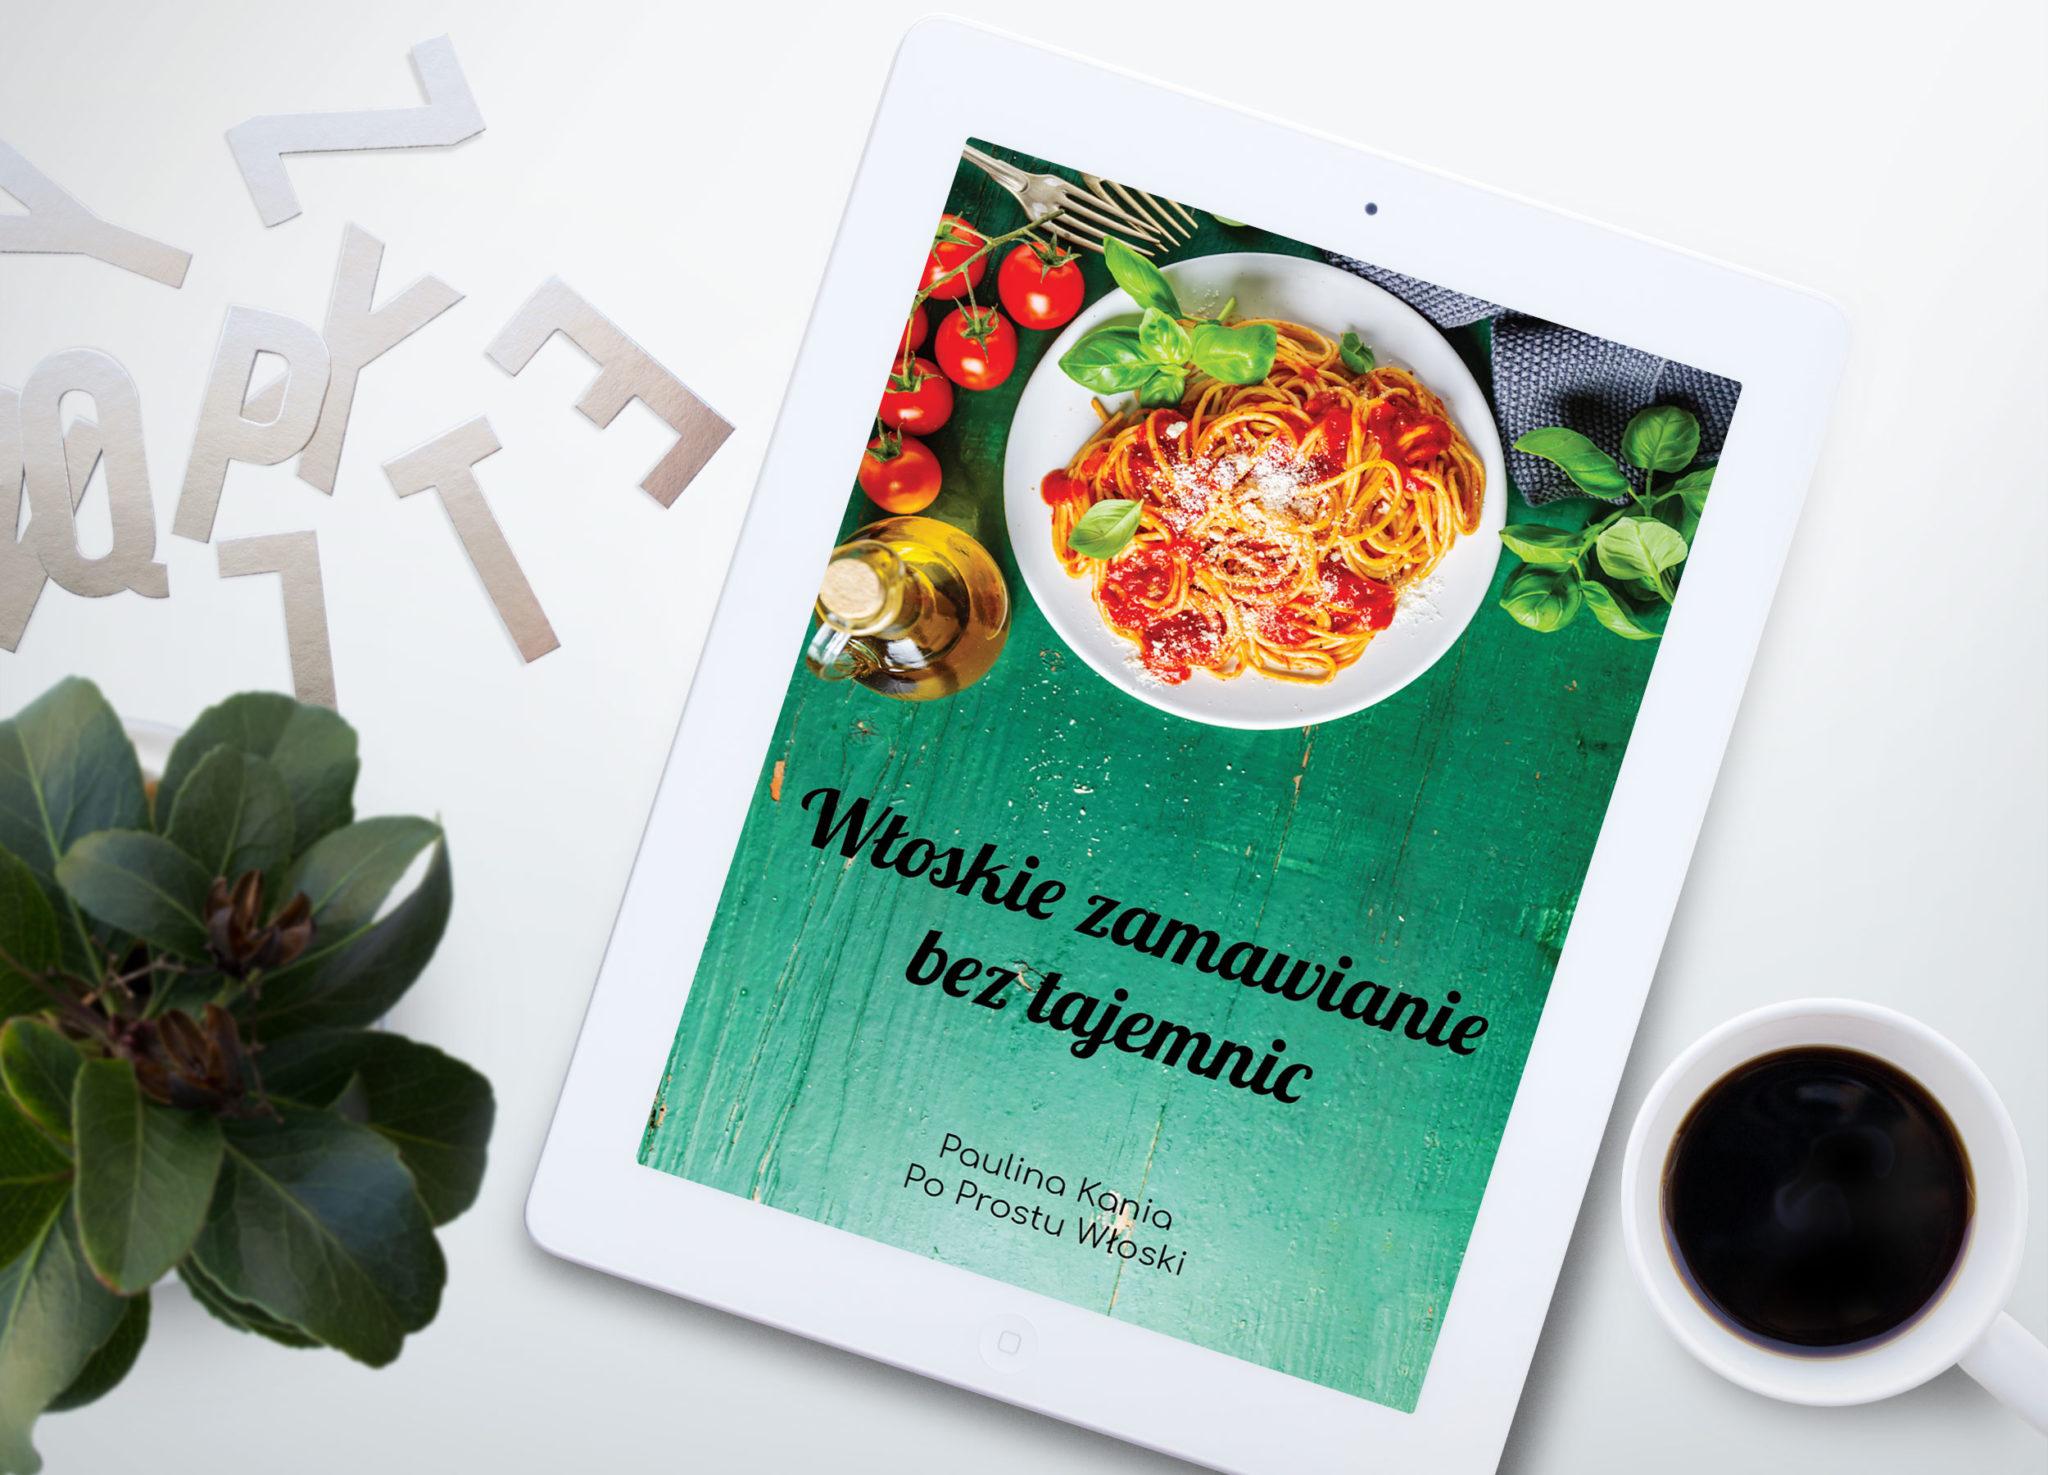 Włoskie zamawianie beztajemnic (e-book)